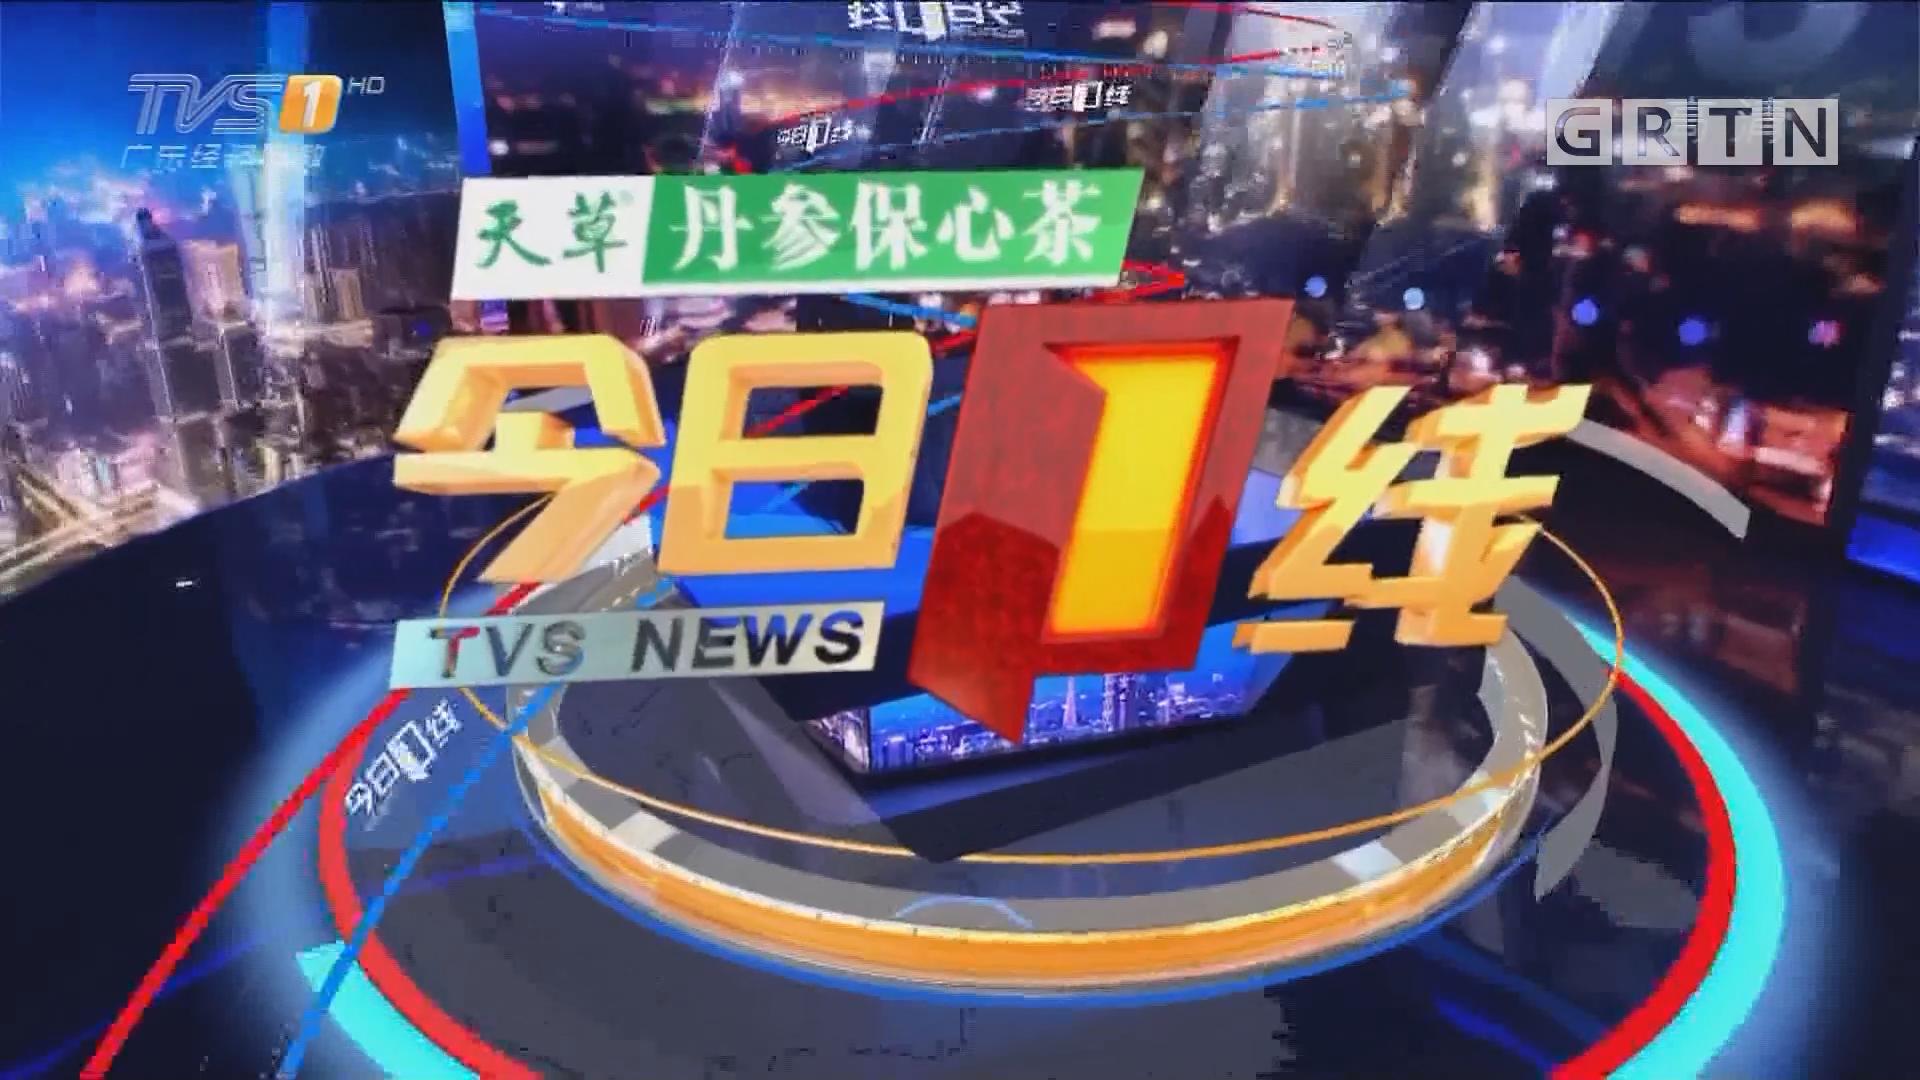 [HD][2018-11-26]今日一线:免疫艾滋病基因编辑婴儿诞生受质疑:深圳市医学伦理专家委员会已启动调查